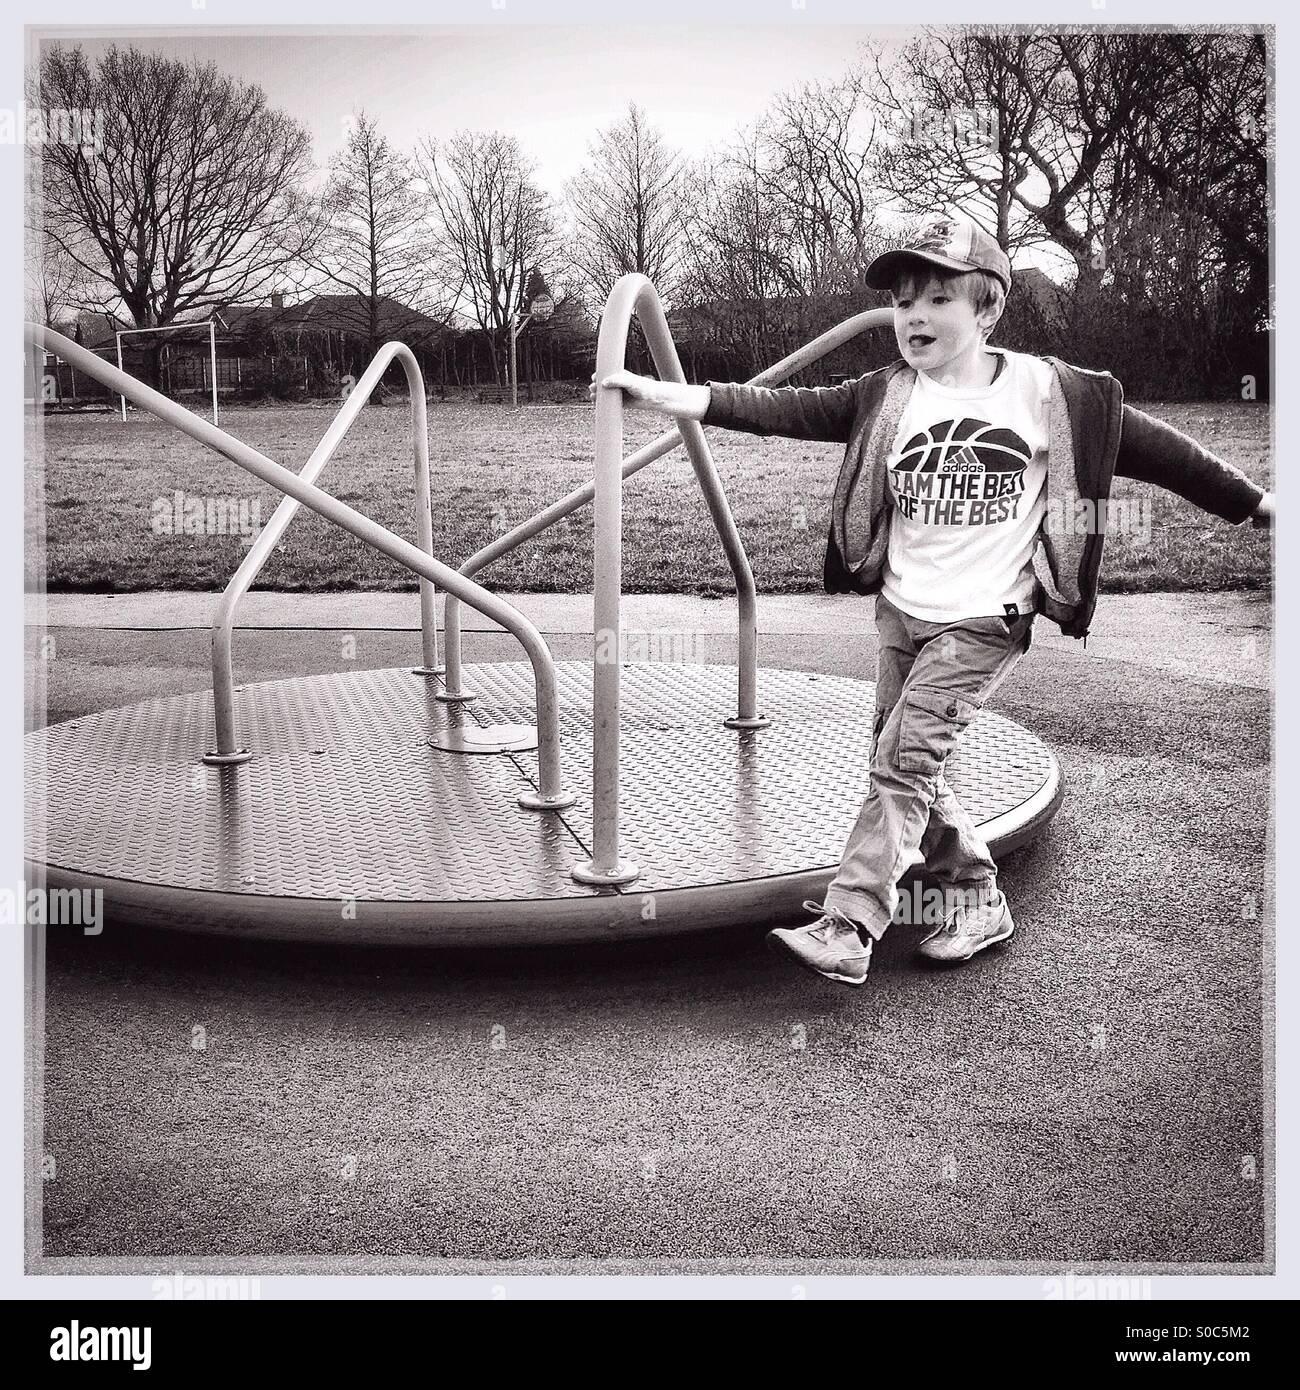 Junge spielt auf einem Kreisverkehr Stockbild